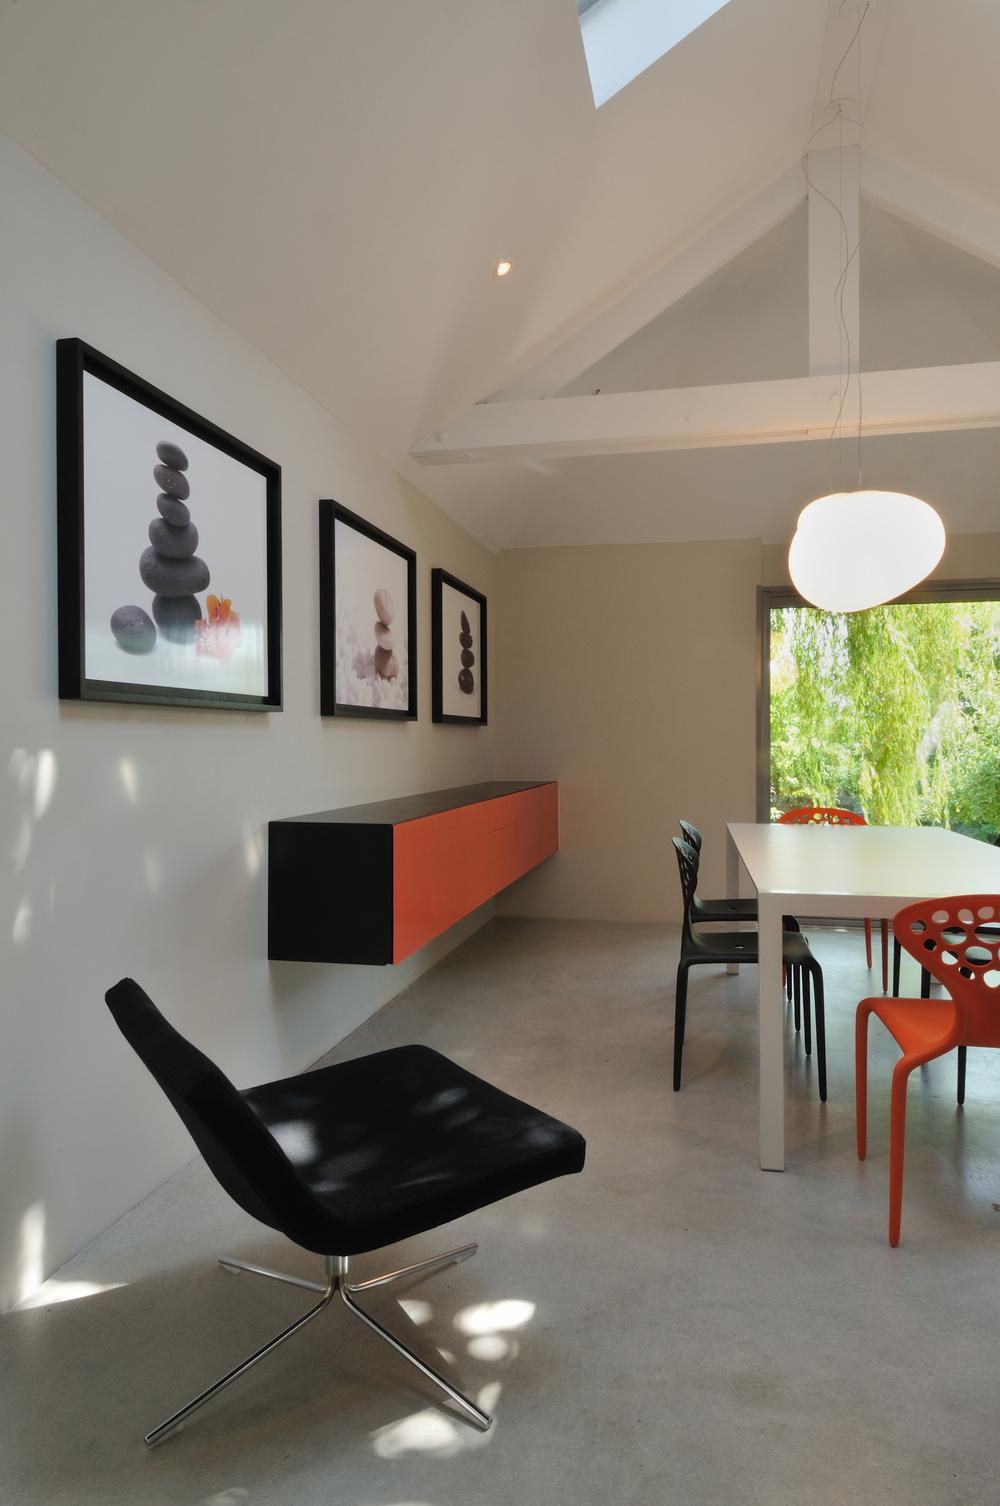 DINAN - Extension contemporaine  - SURFACE: 45 m2 -Maître d'ouvrage: Particulier